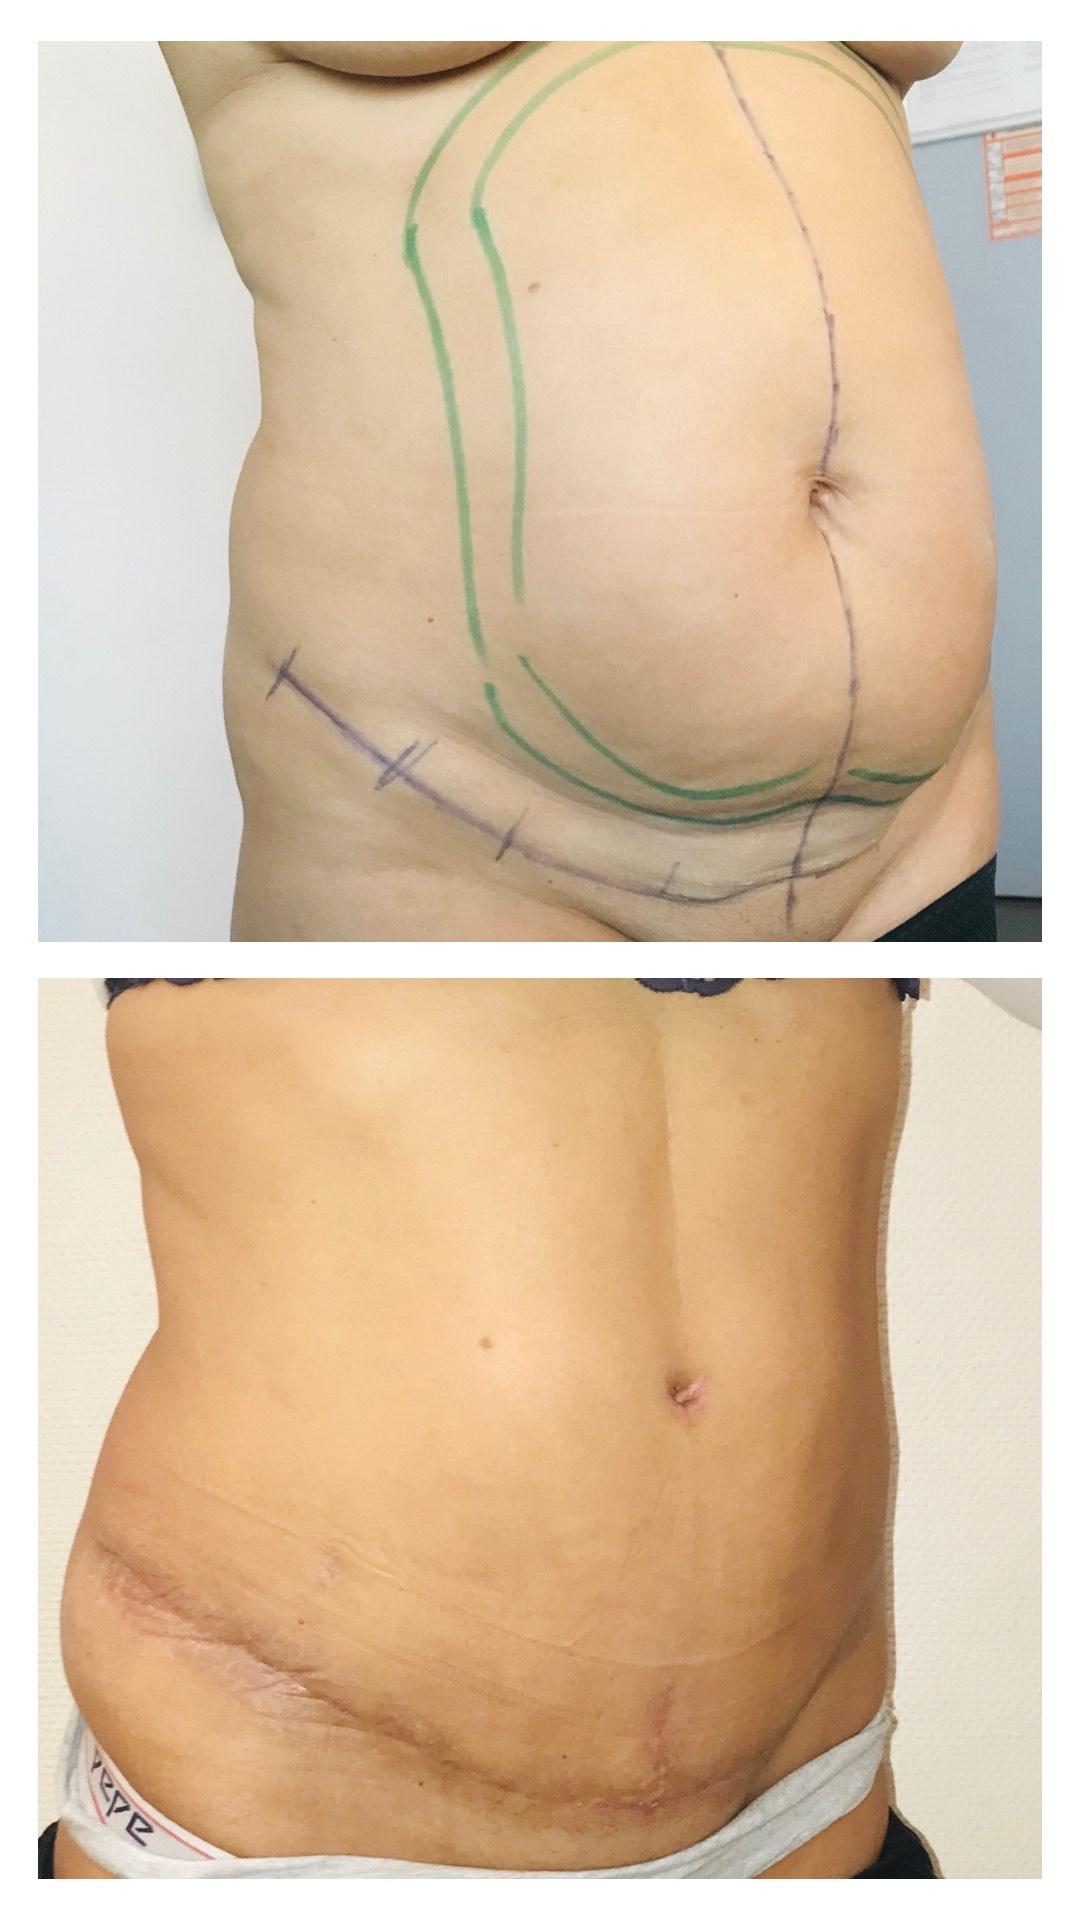 Plastie abdominale avec lipoaspiration à trois semaines post opératoires